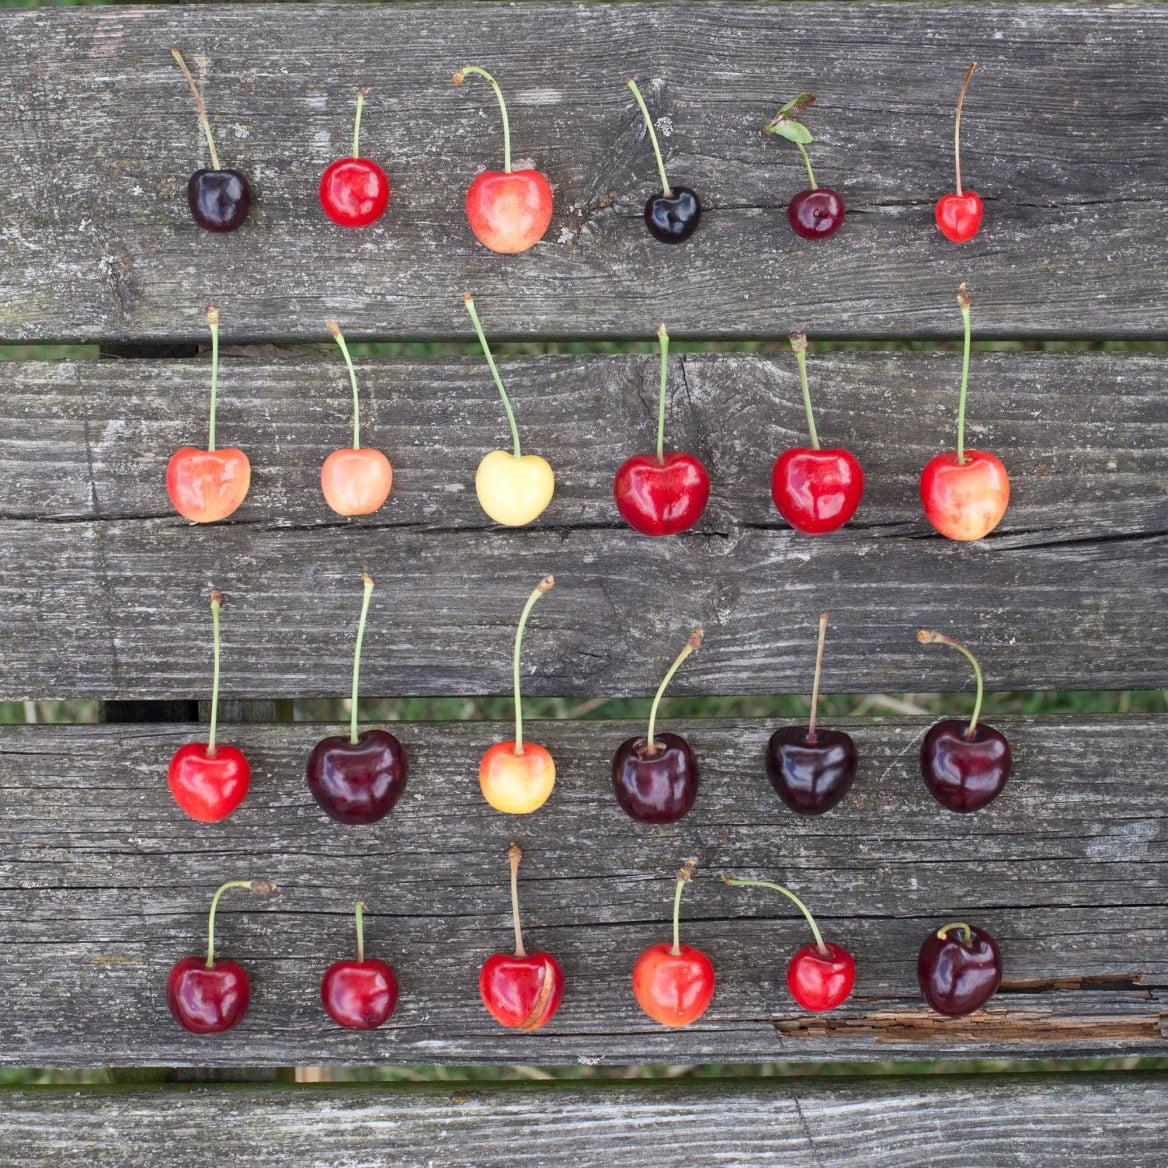 Brogdale Cherries